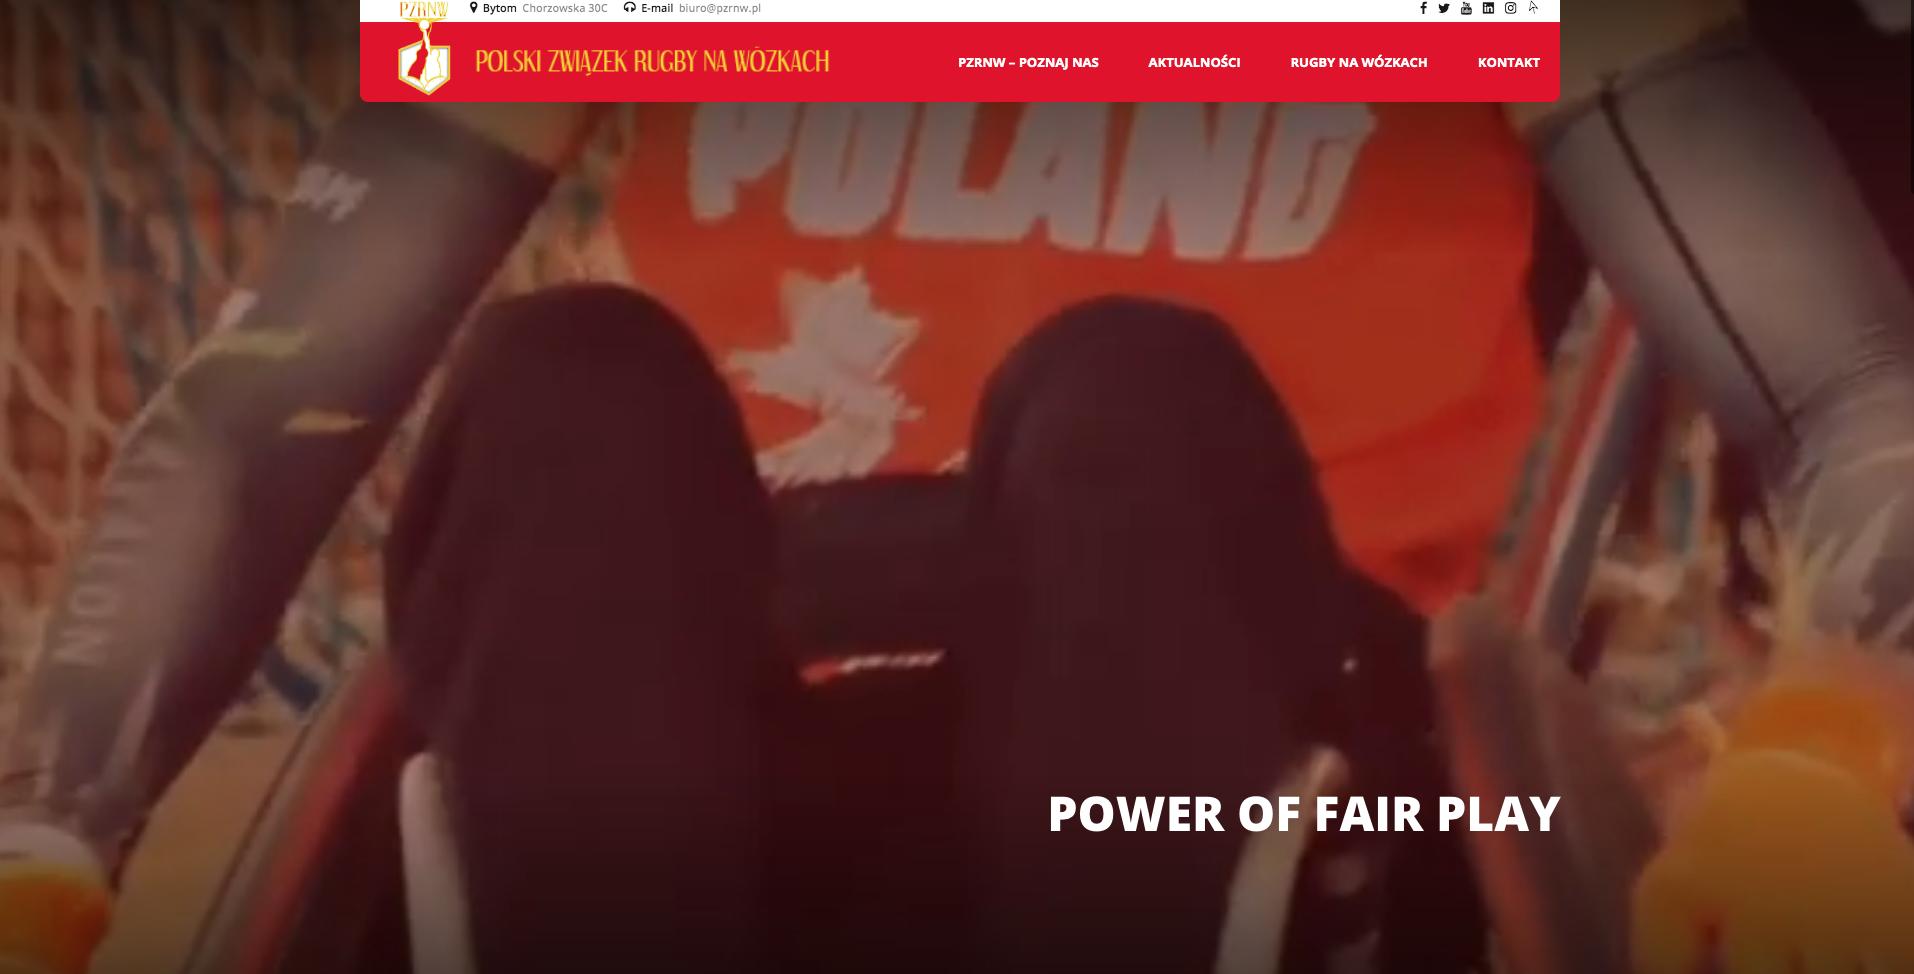 Zrzut ekranu strony Związku